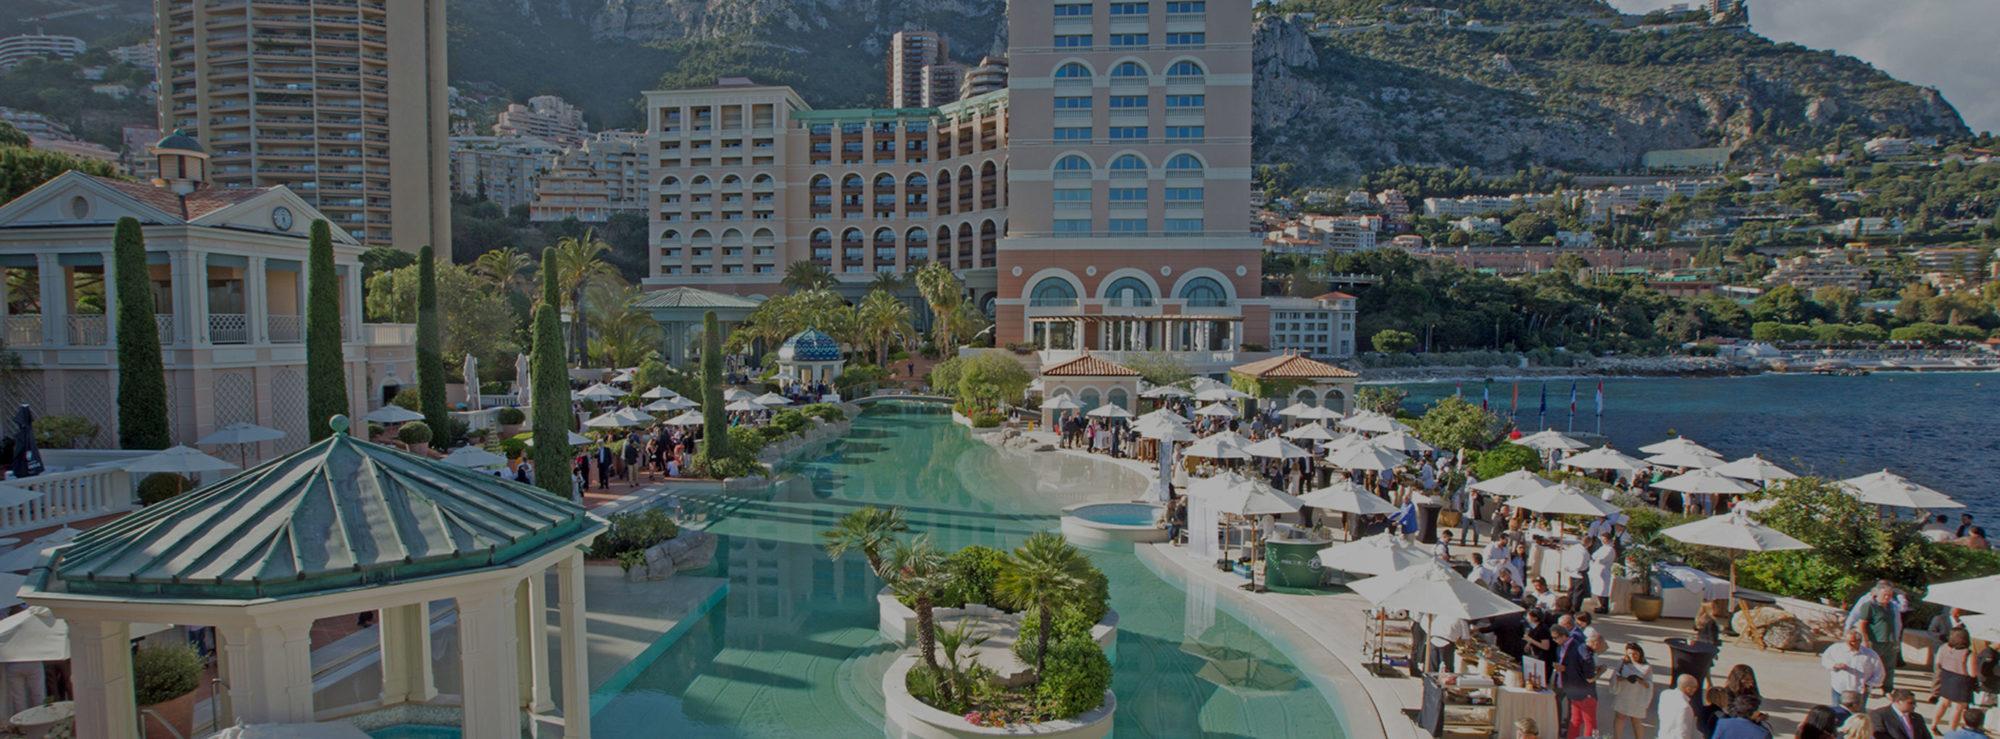 Monte Carlo Bay Design sonore